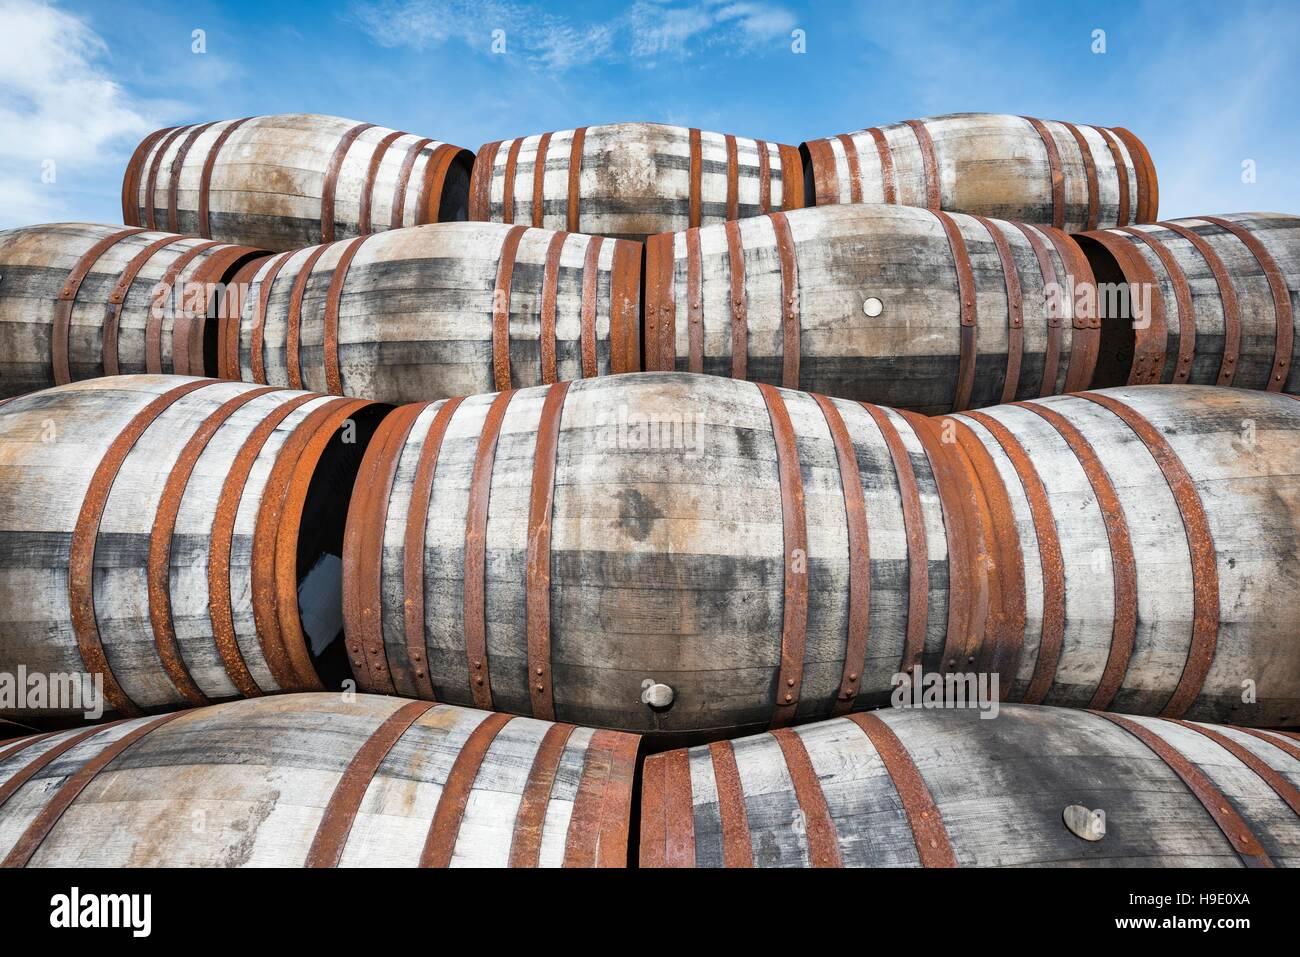 Whisky barrels, Islay, Inner Hebrides, Scotland, United Kingdom - Stock Image